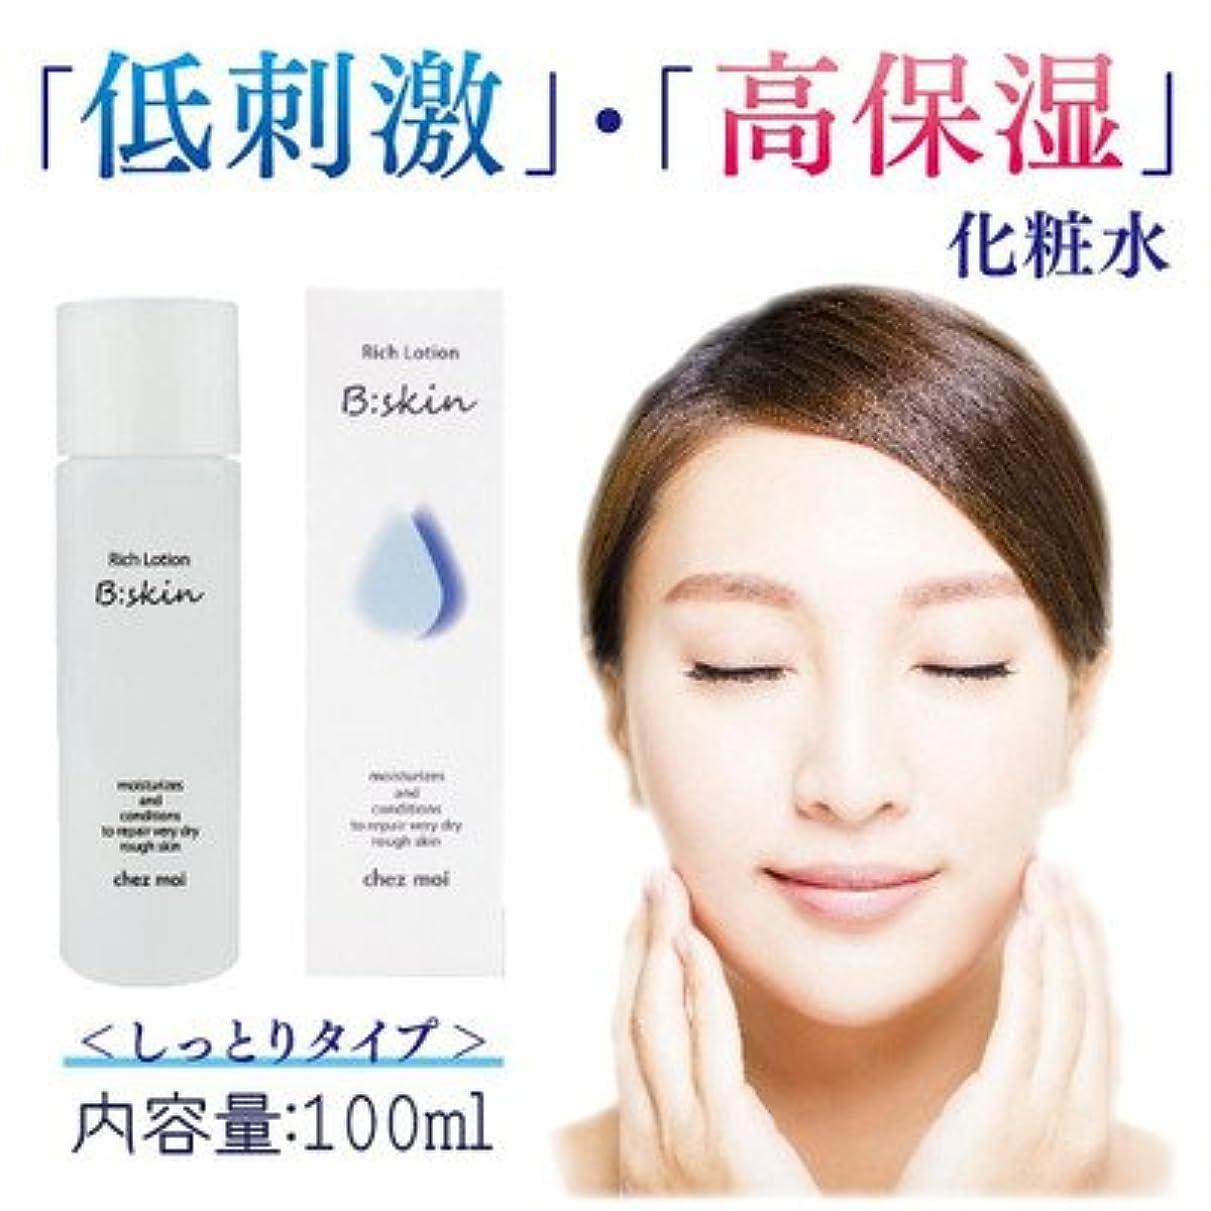 オズワルドアナログ過敏な低刺激 高保湿 しっとりタイプの化粧水 B:skin ビースキン Rich Lotion リッチローション しっとりタイプ 化粧水 100mL